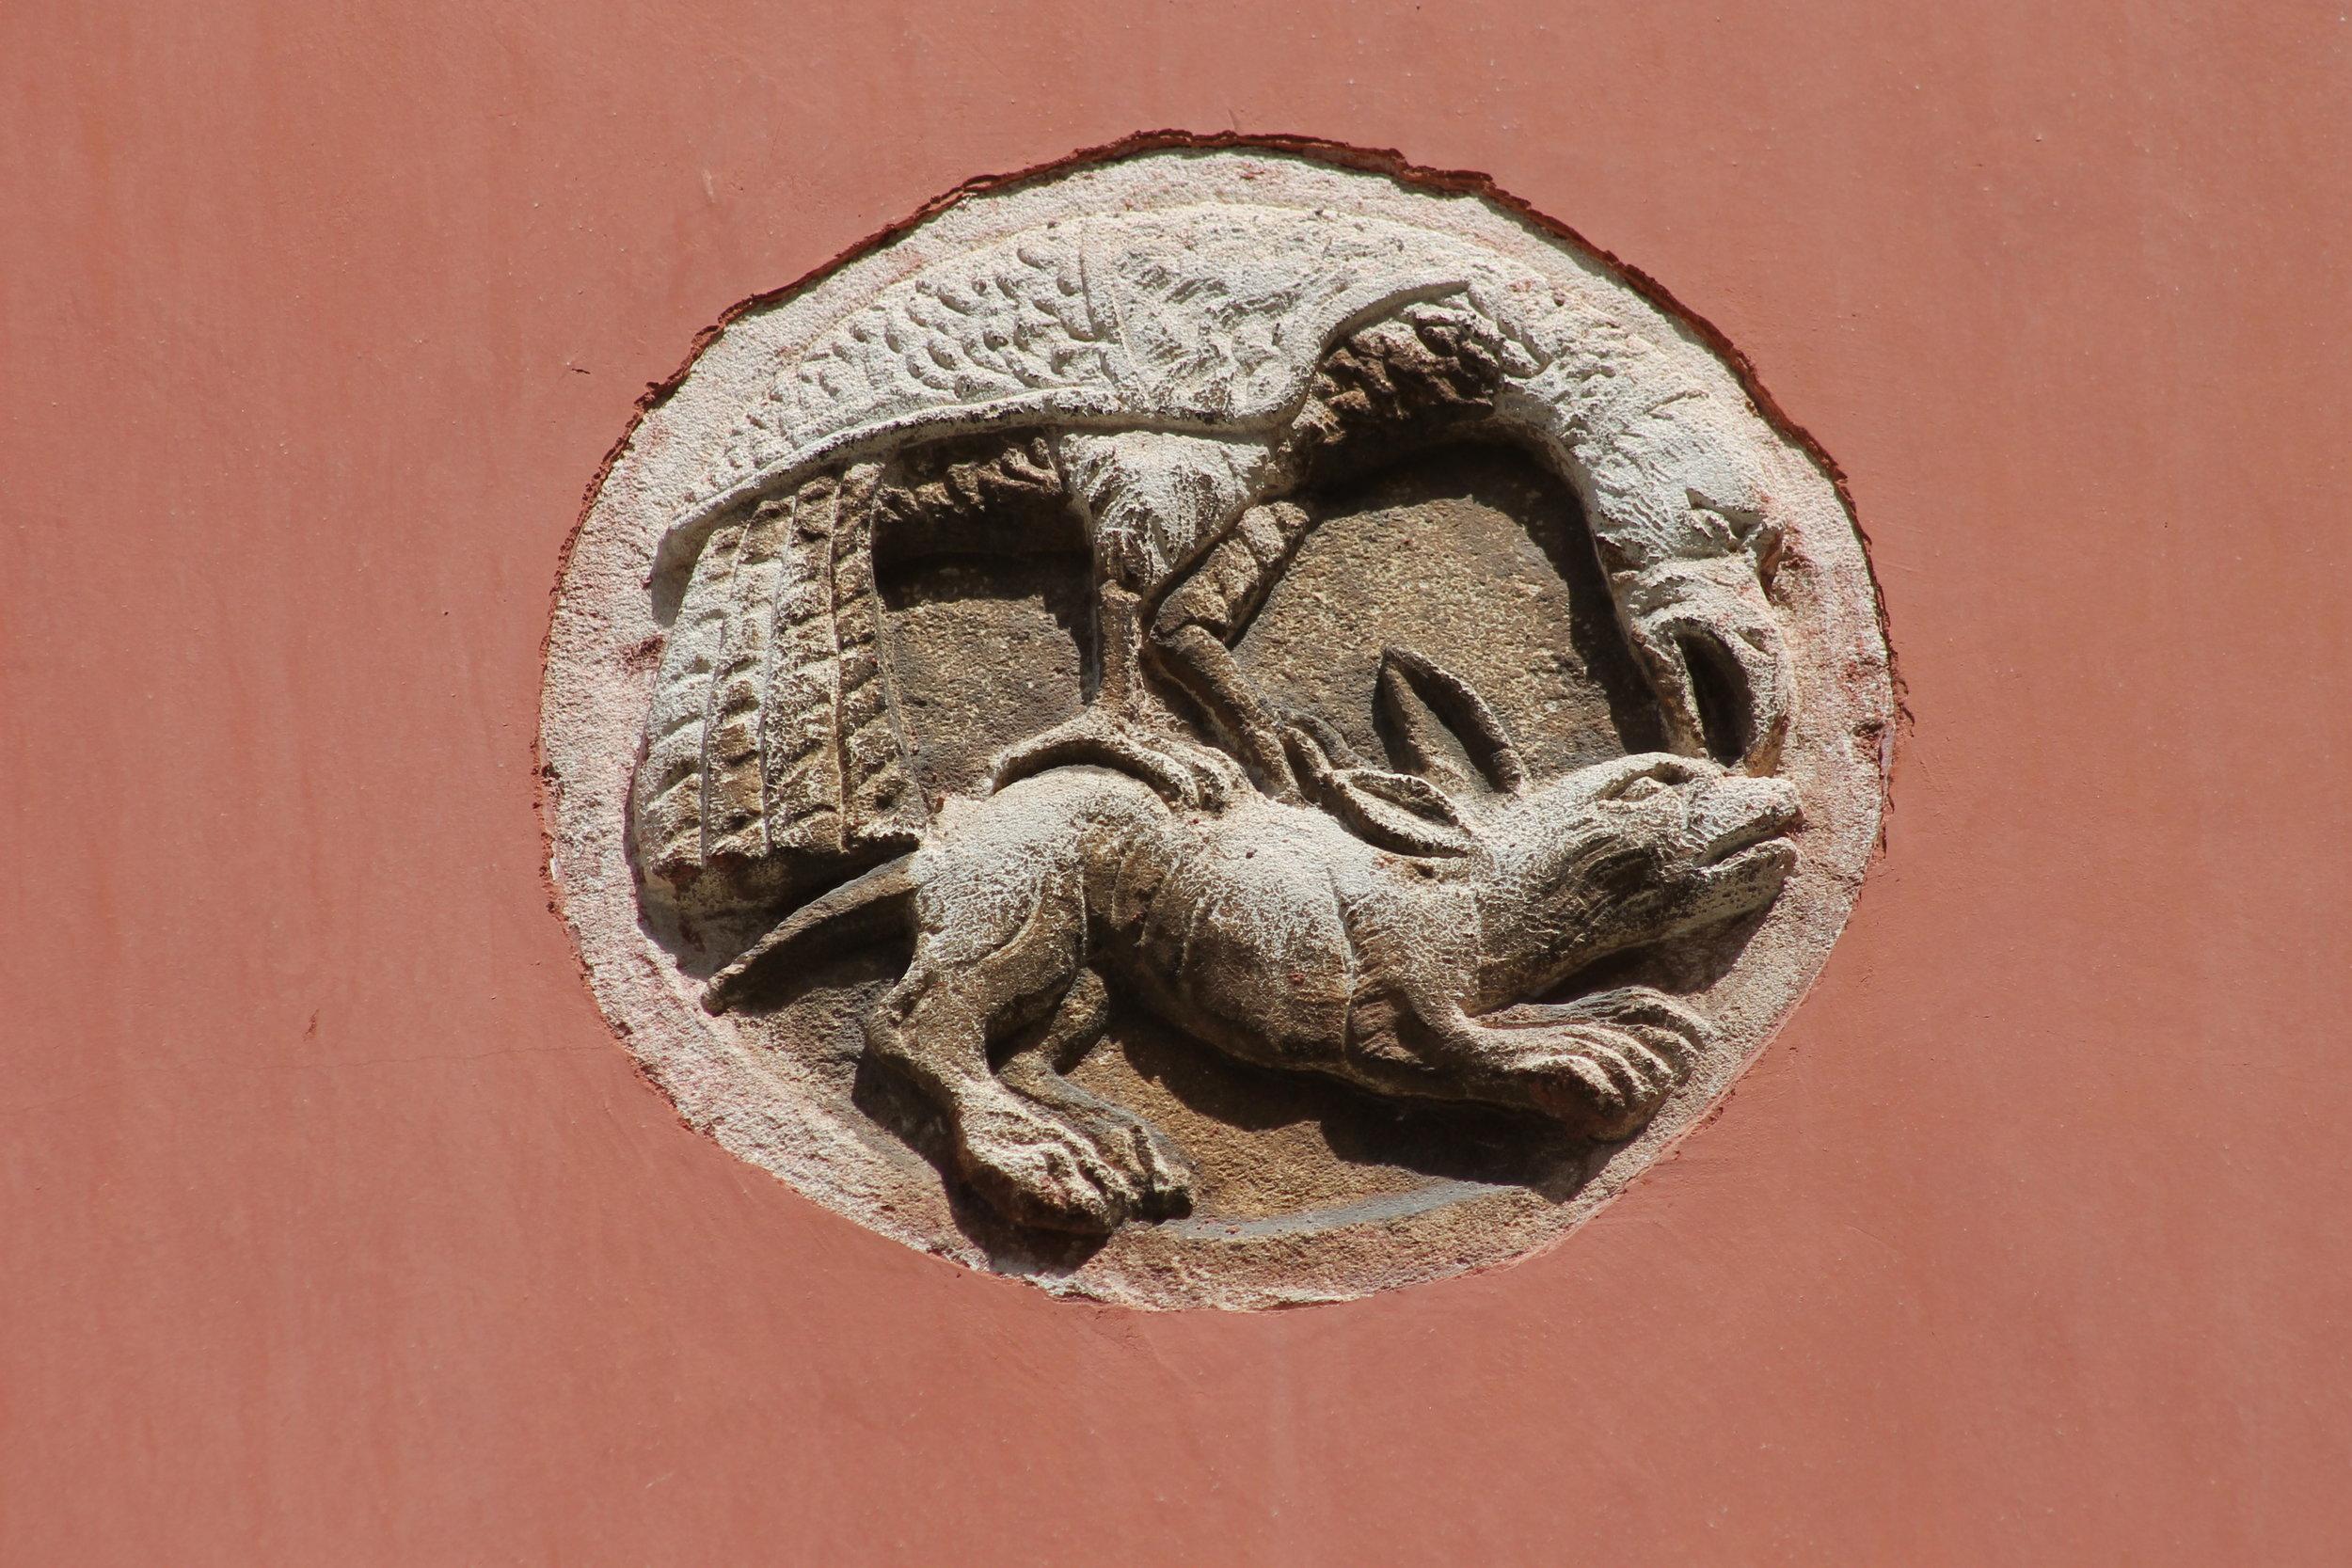 Aquila che becca sul capo leporide sottostante .  Venice, Rio di Canonica.